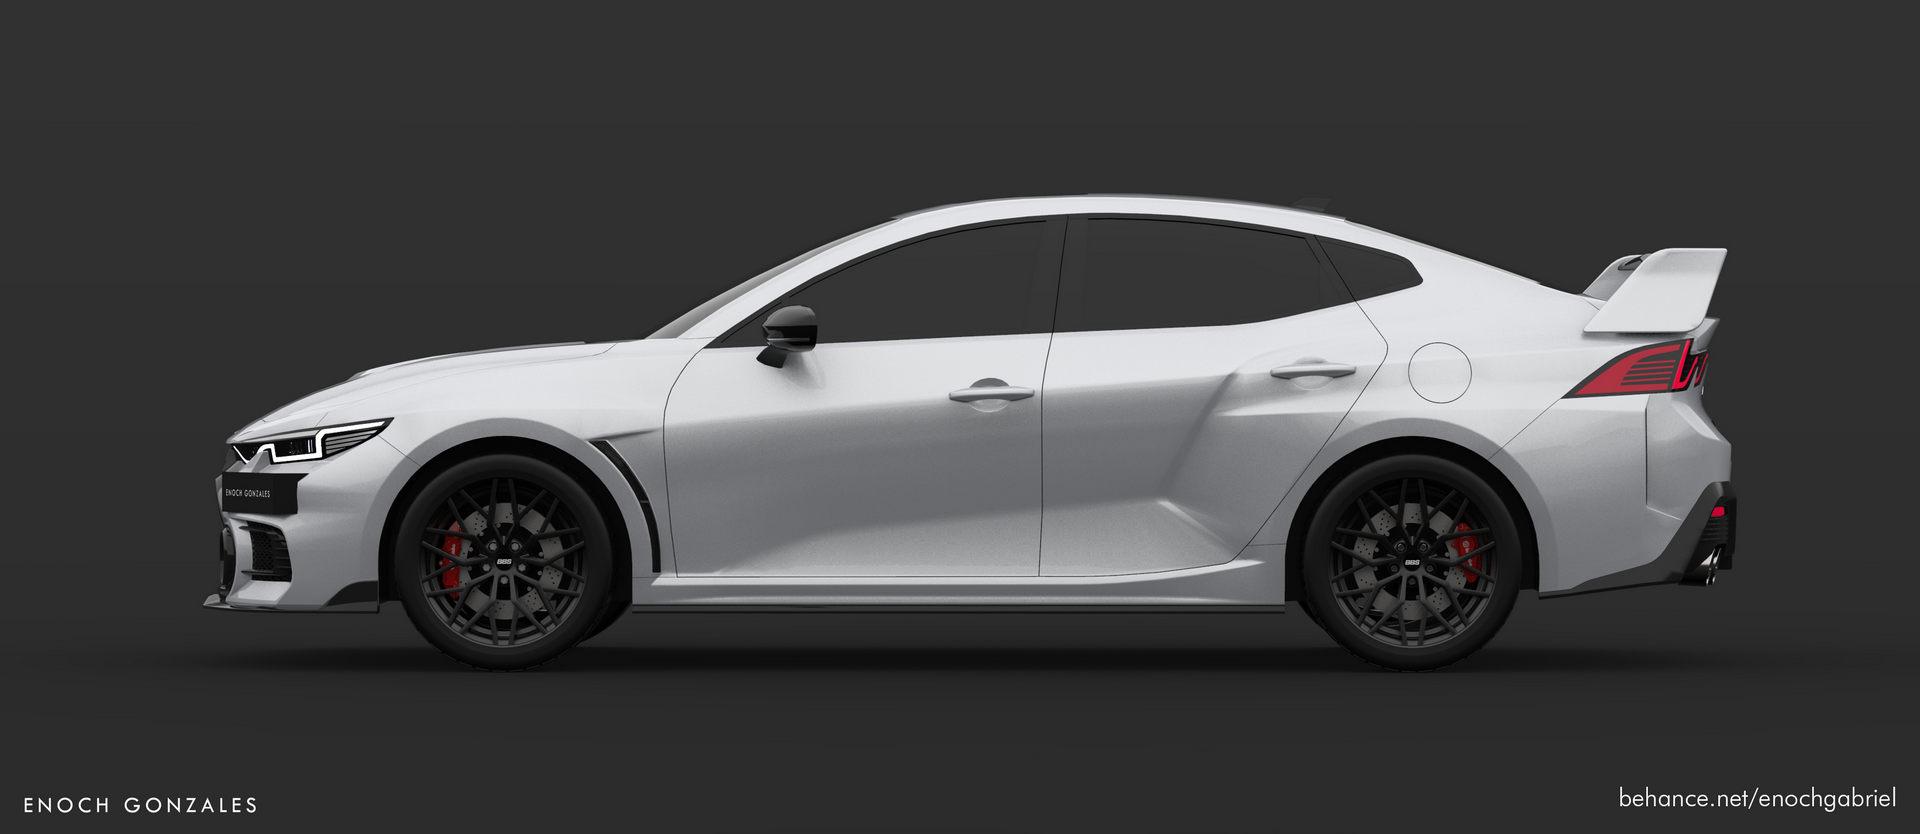 Mitsubishi-Lancer-Evo-XII-renderings-23